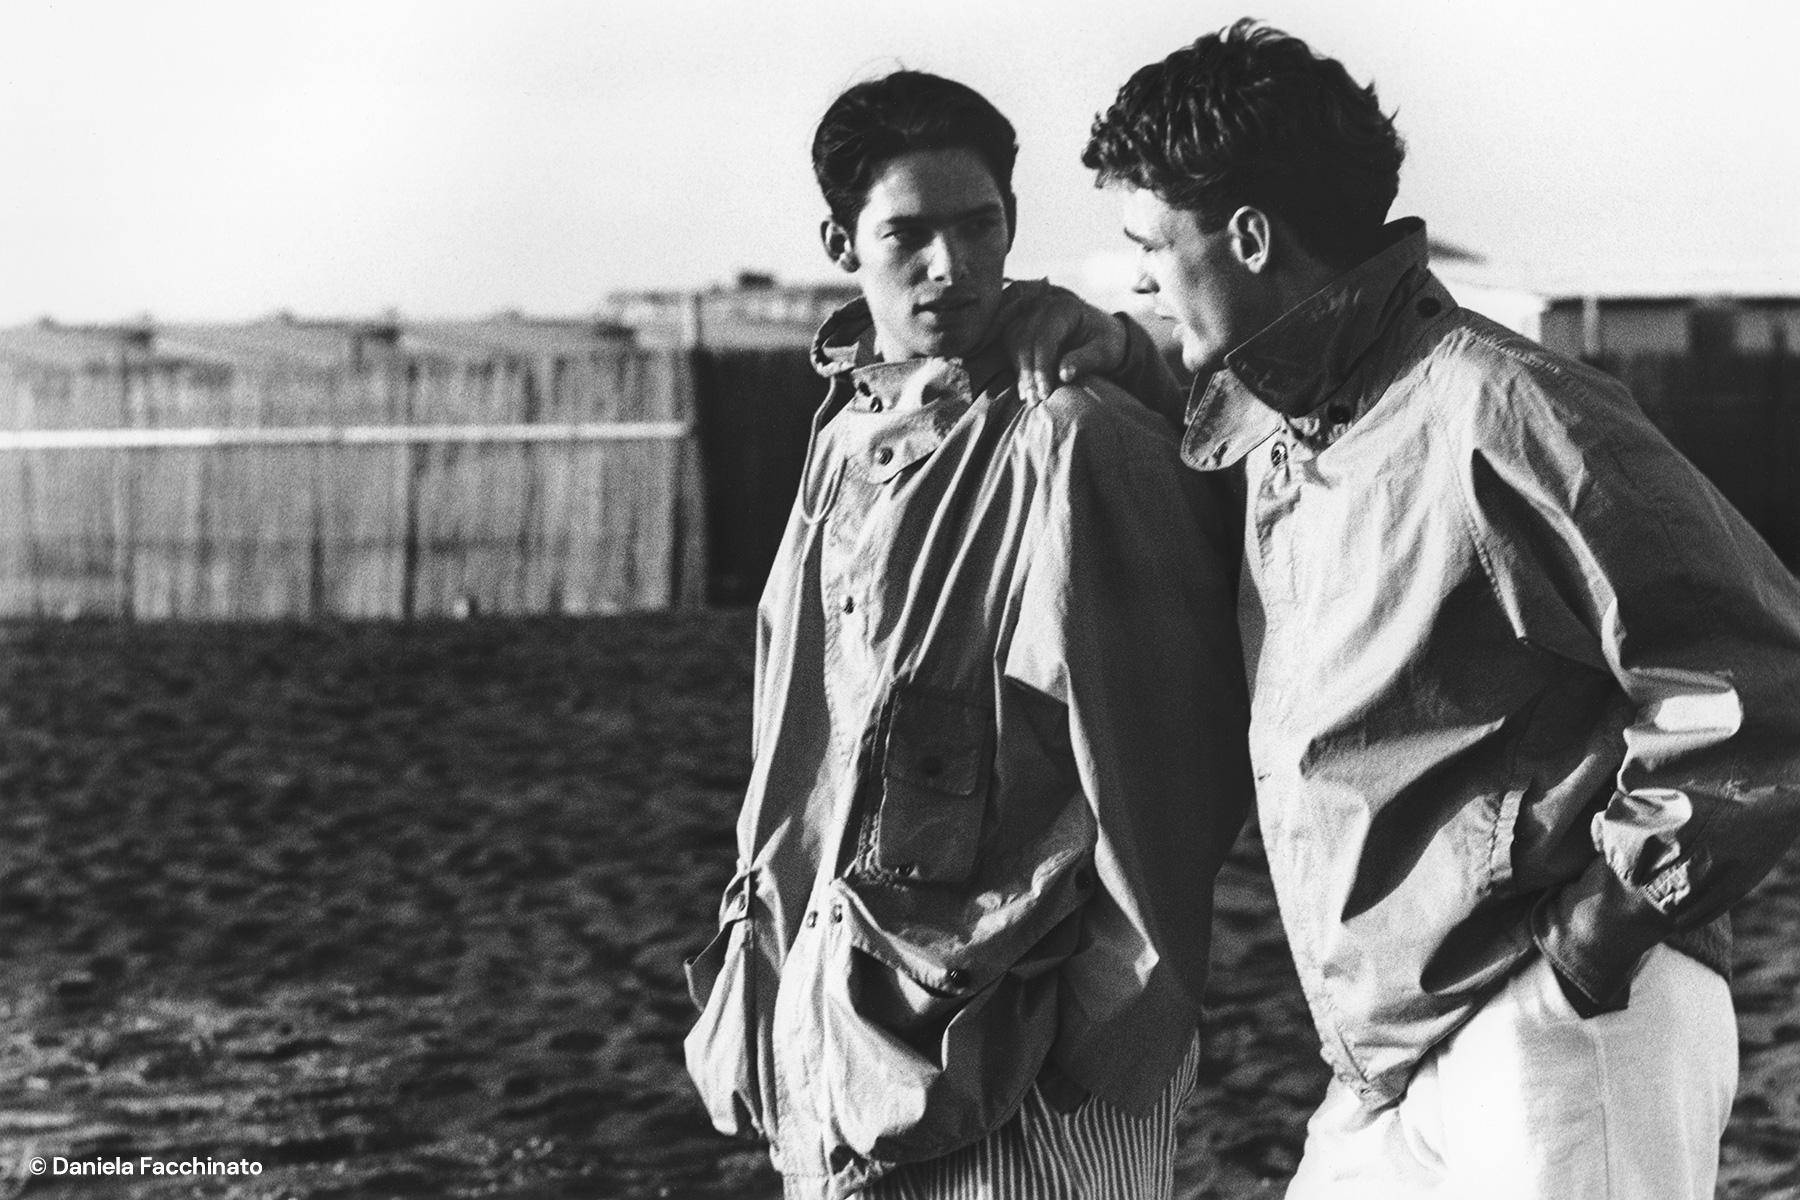 Rome 1989. Walking along Ostia beach. Adv. campaign for Massimo Osti